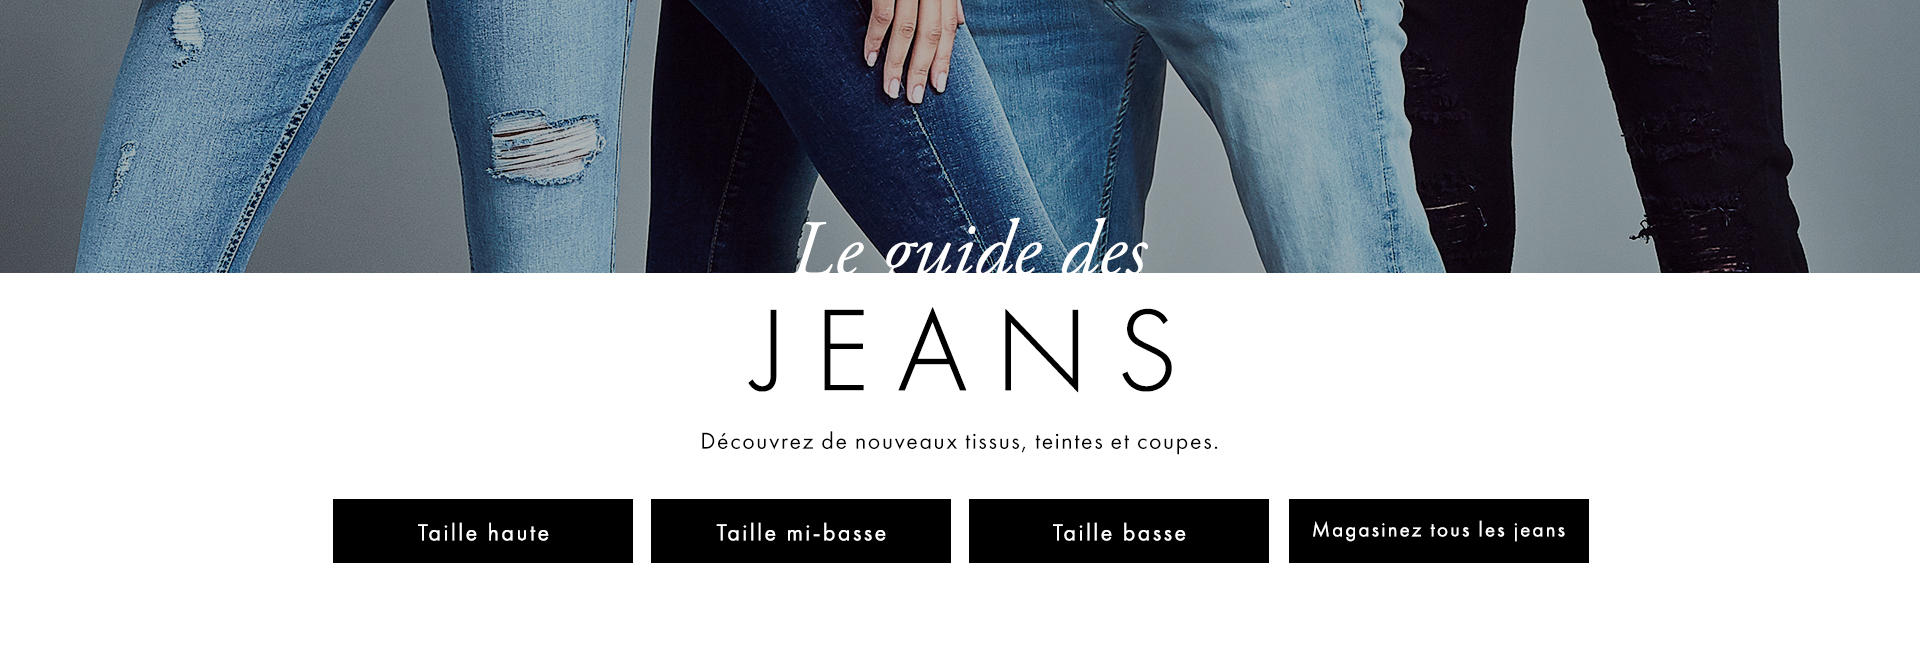 Jeans Et Articles En Denim Pour Femmes Guess